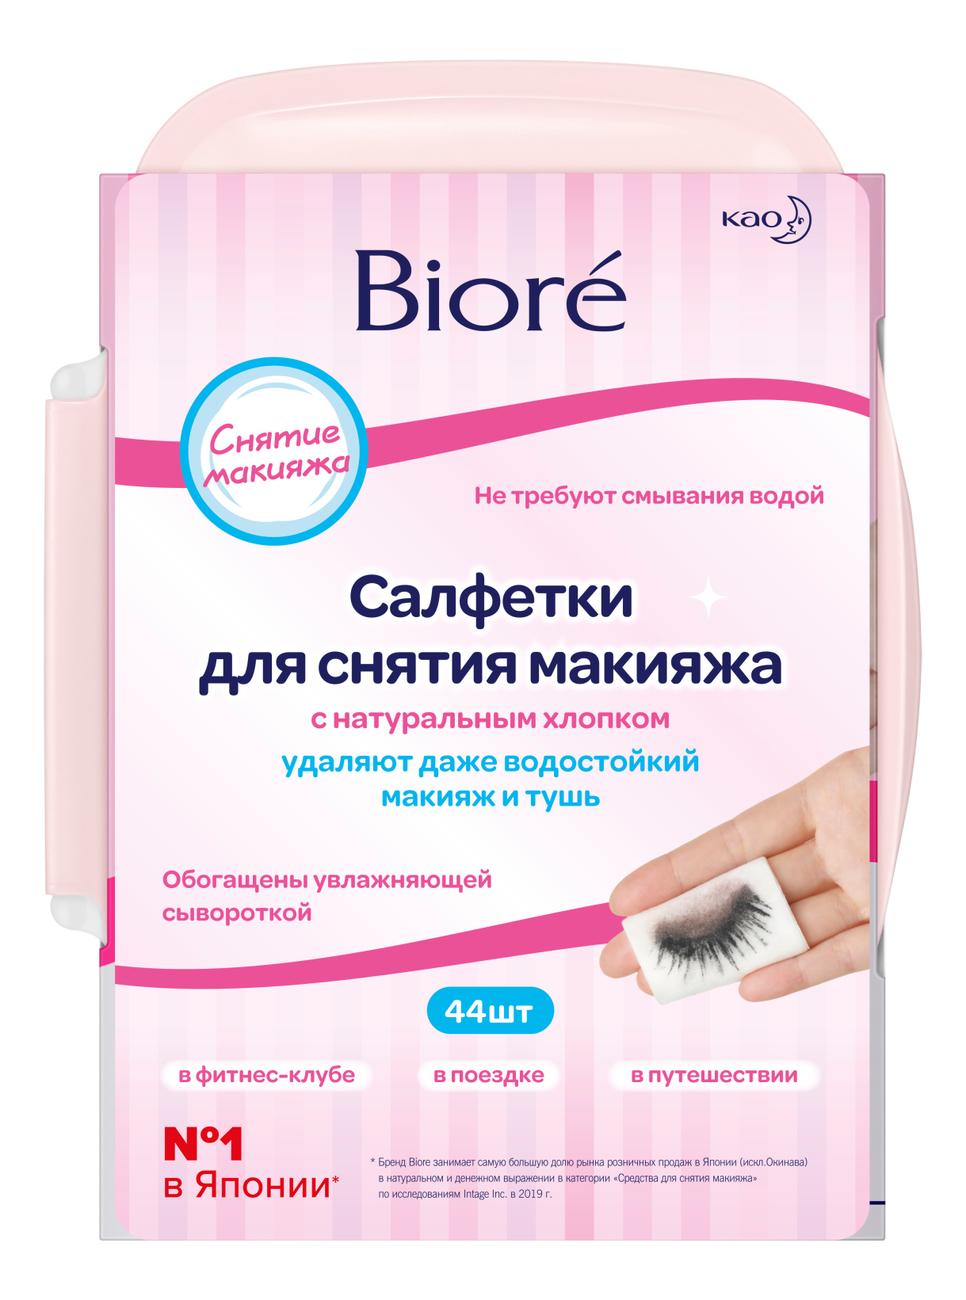 Салфетки для снятия макияжа 44шт biore салфетки для снятия макияжа